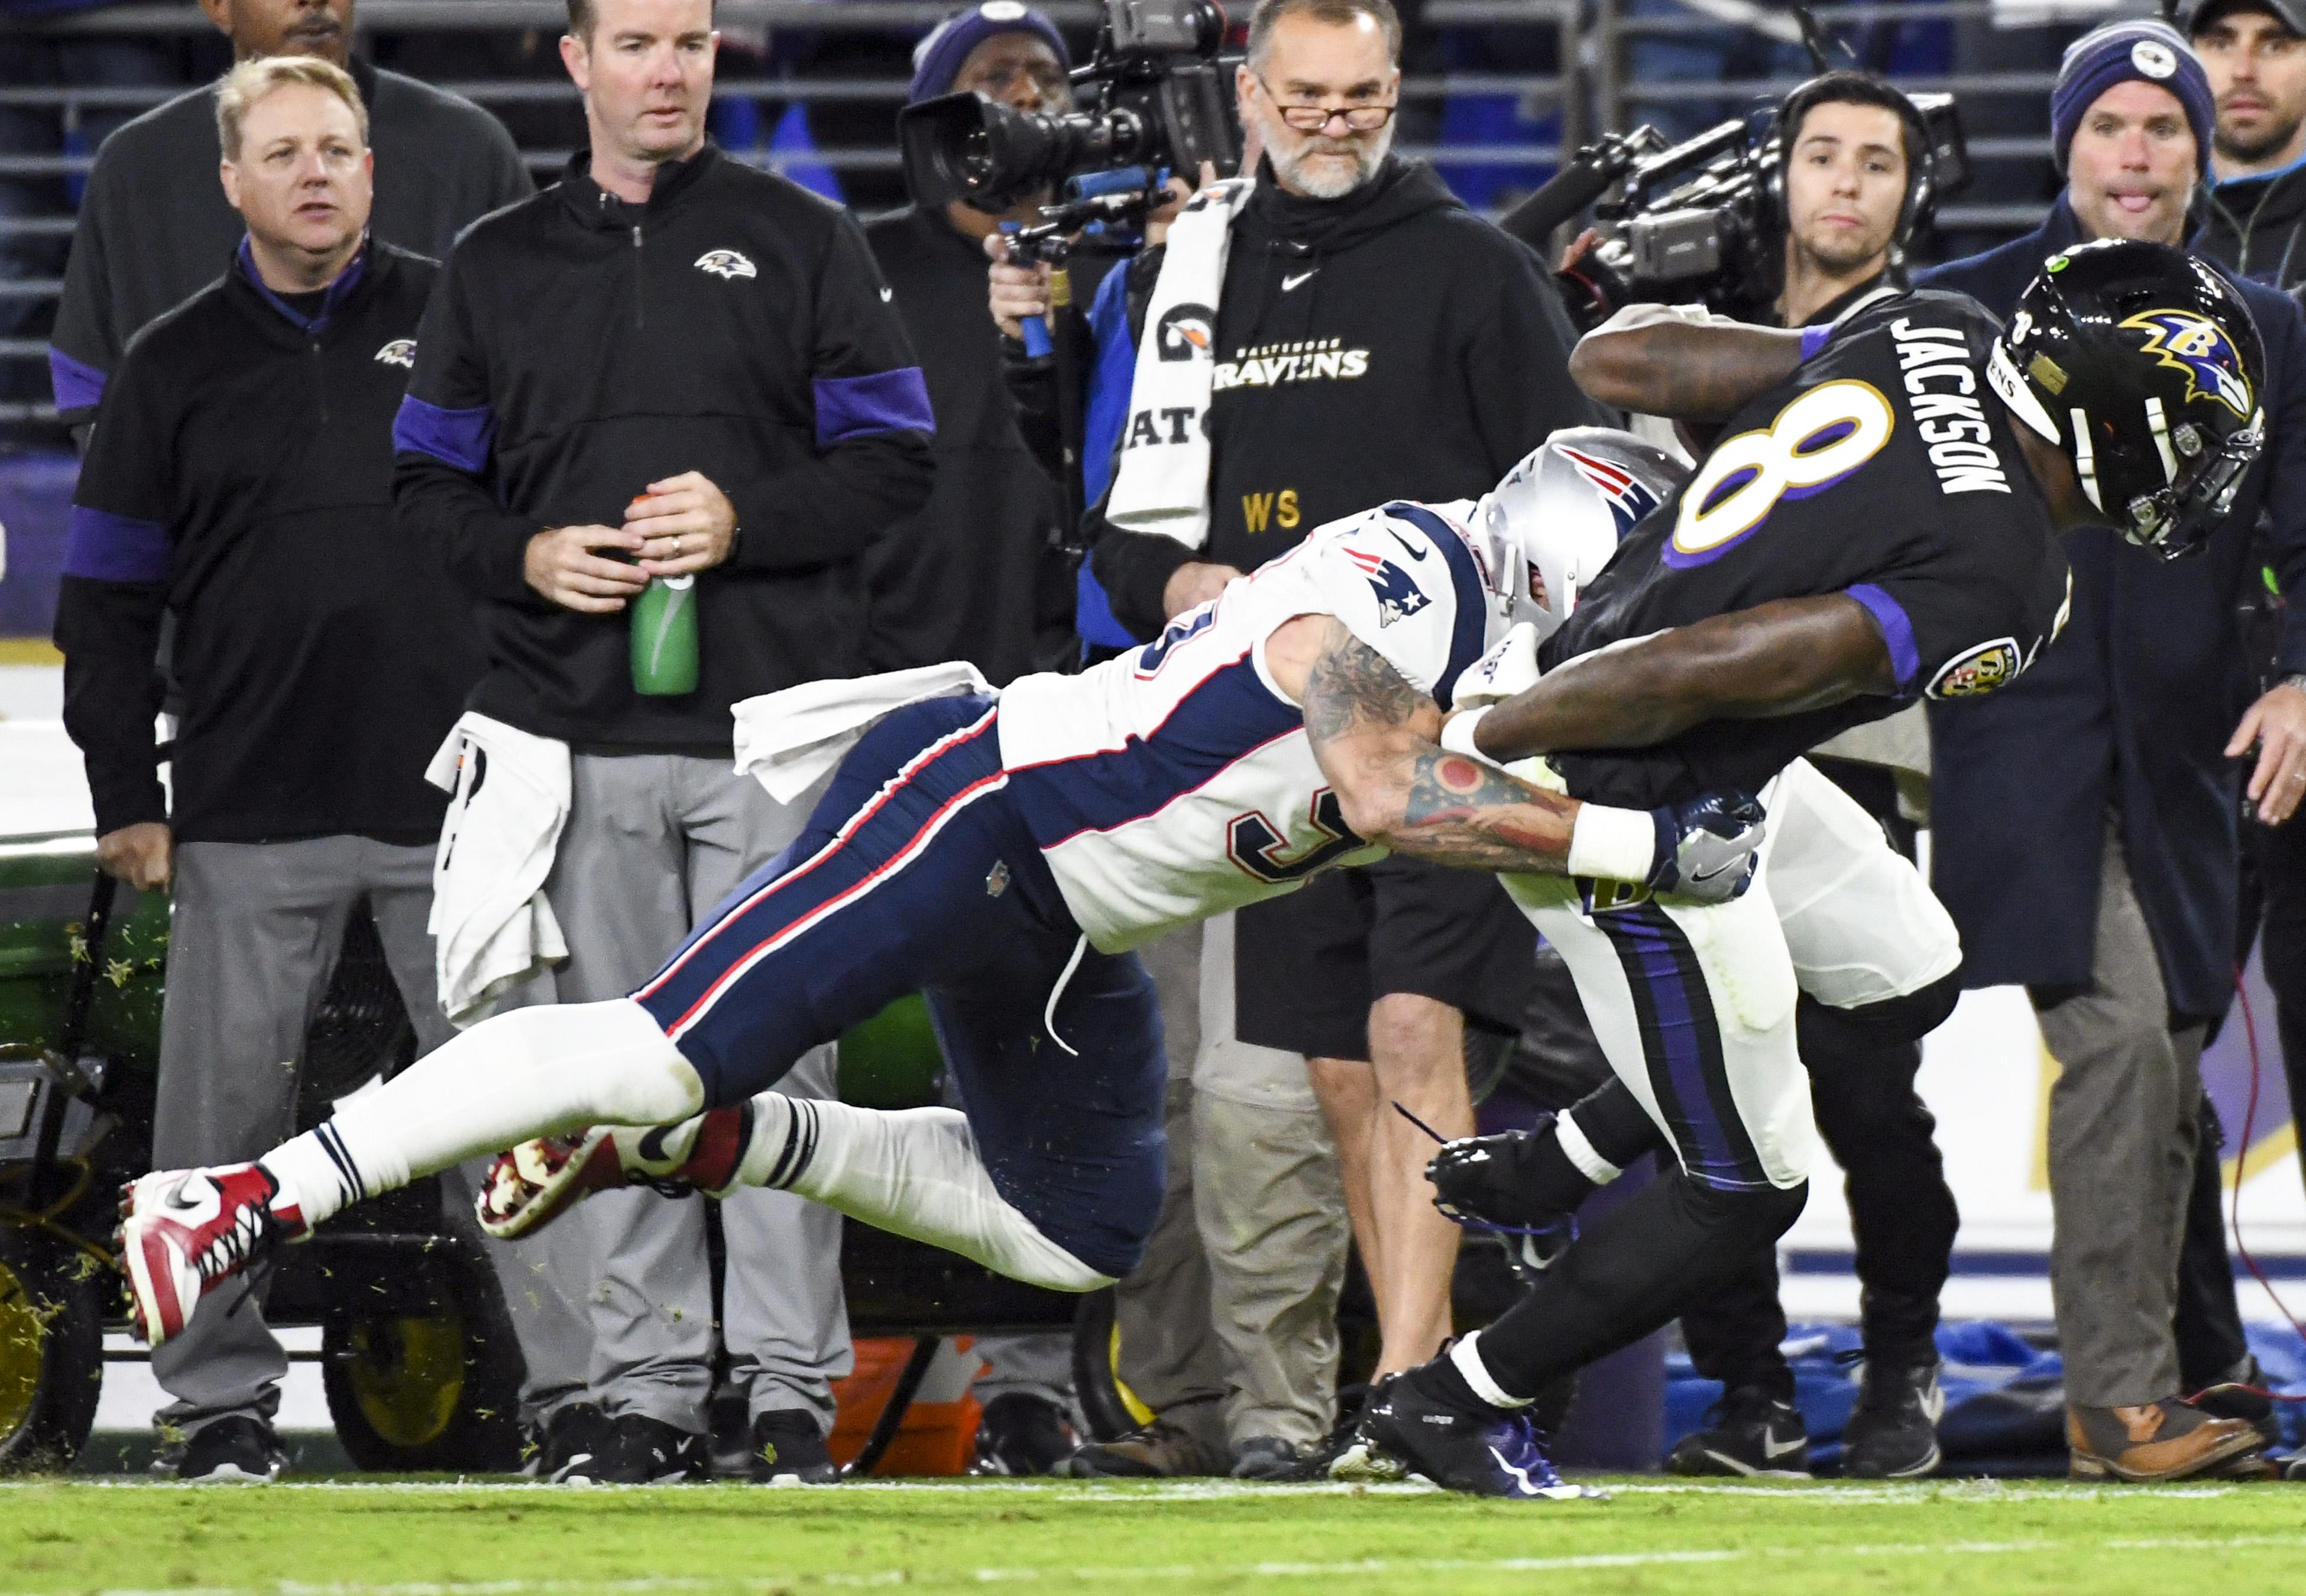 NFL: NOV 03 Patriots at Ravens